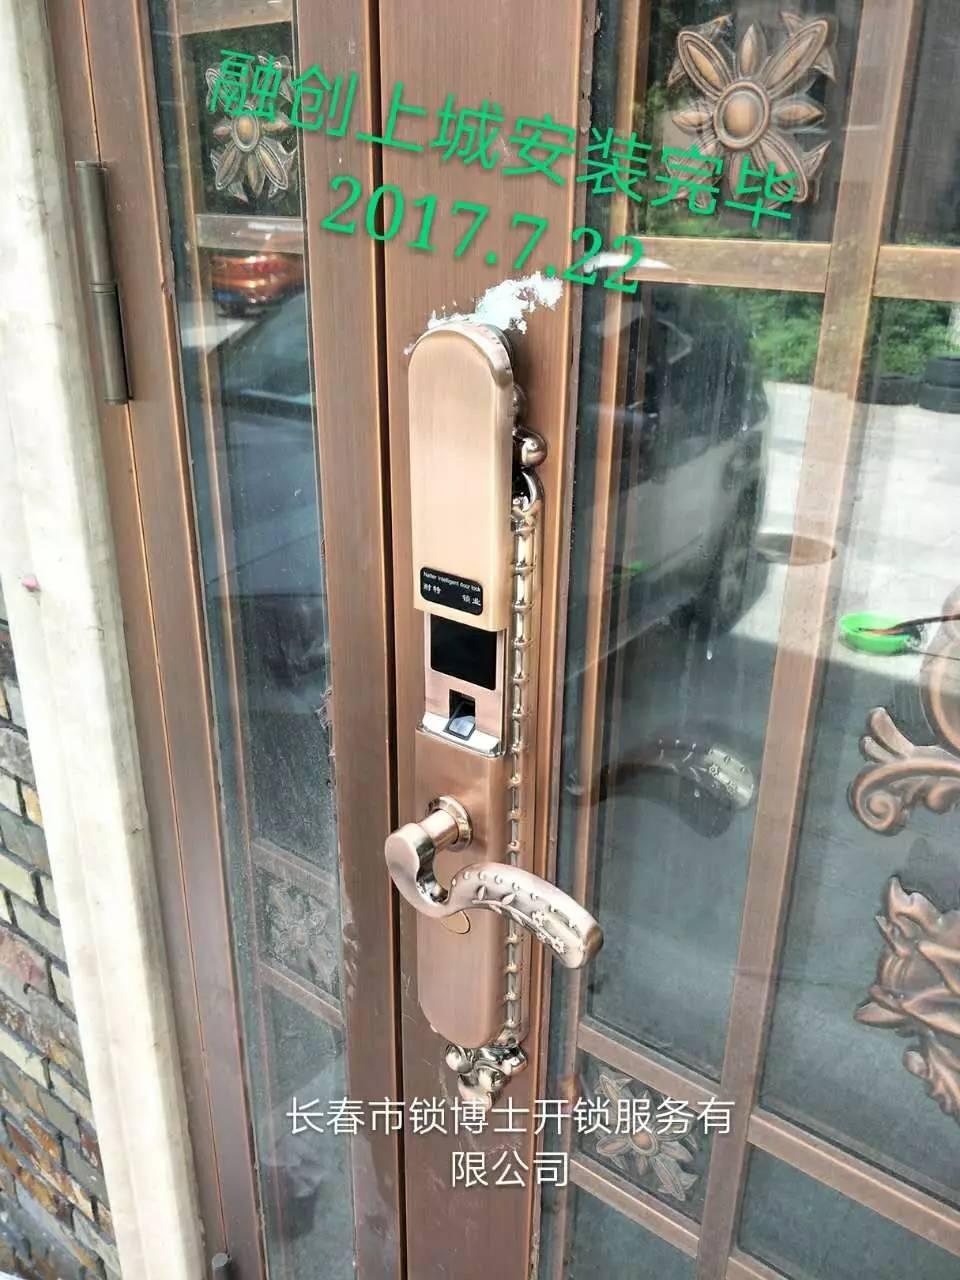 长春朝阳区开锁换锁修锁,开锁价格,开锁电话,开锁公司电话